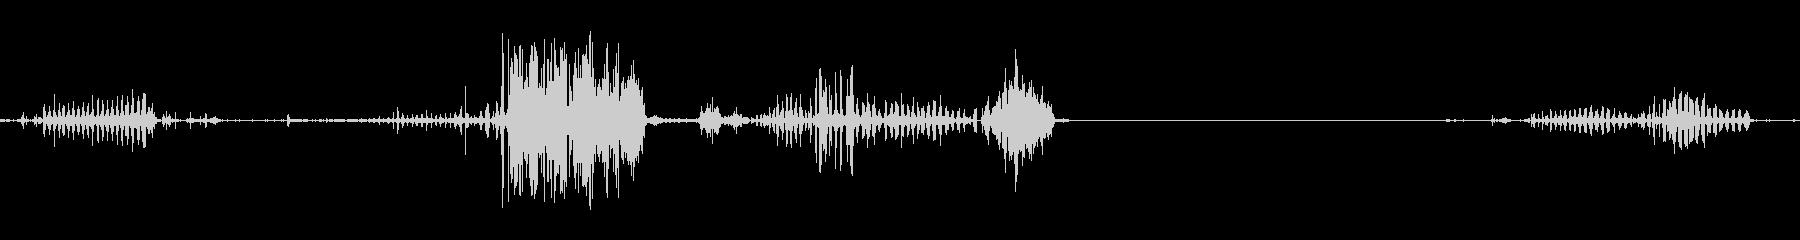 ピットブルドッグうがい、複数の未再生の波形